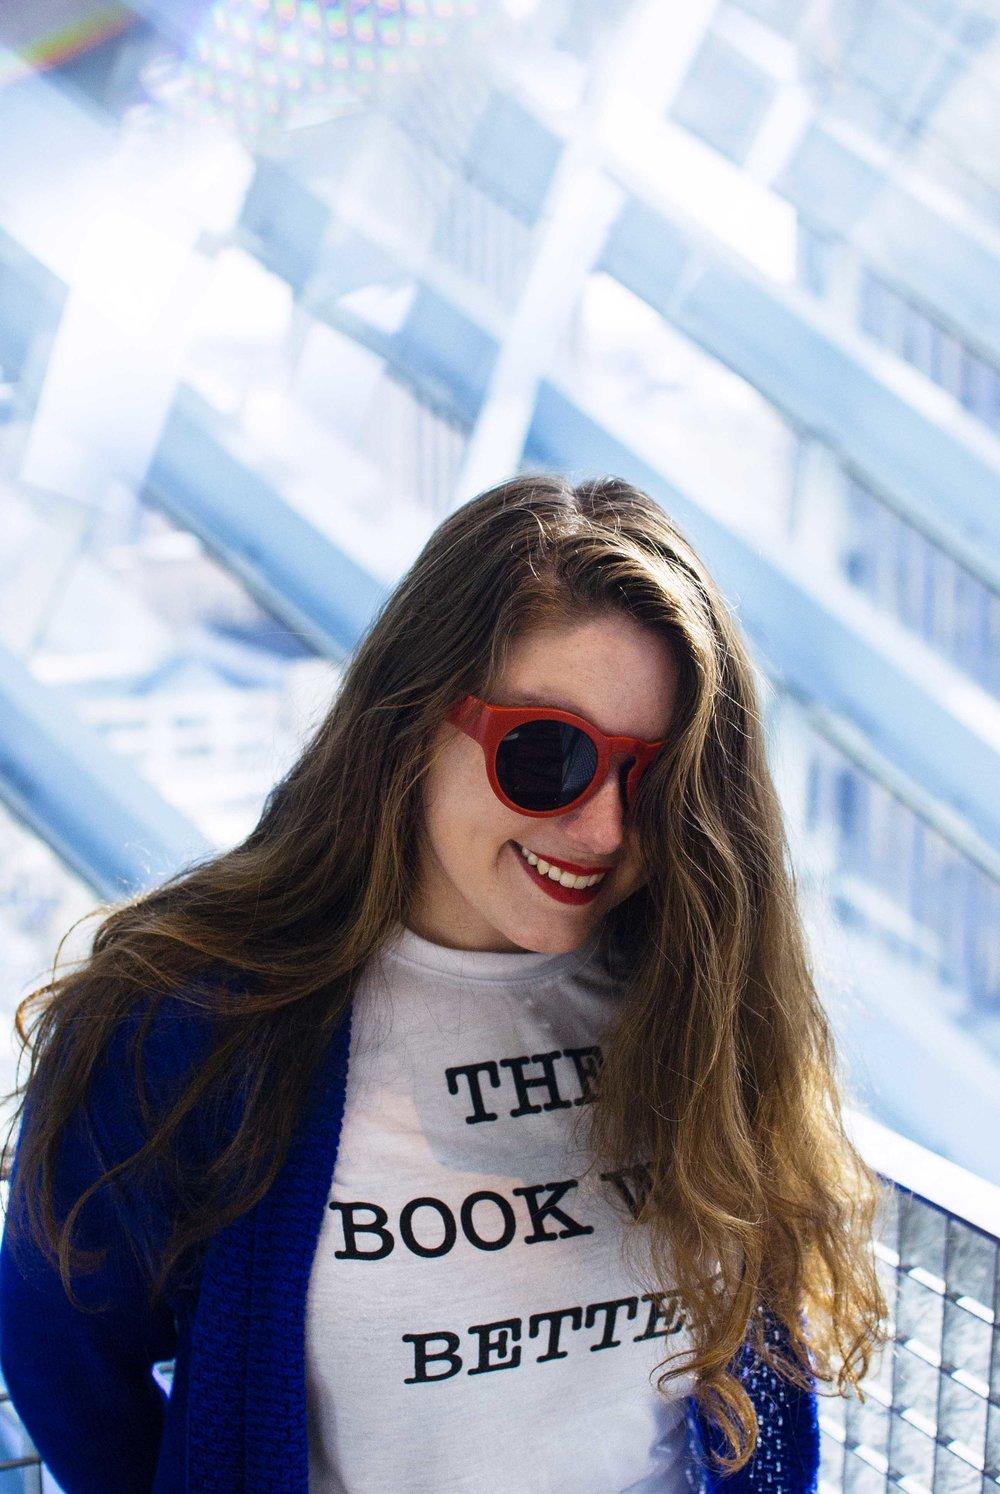 thebookwasbetter1_web.jpg